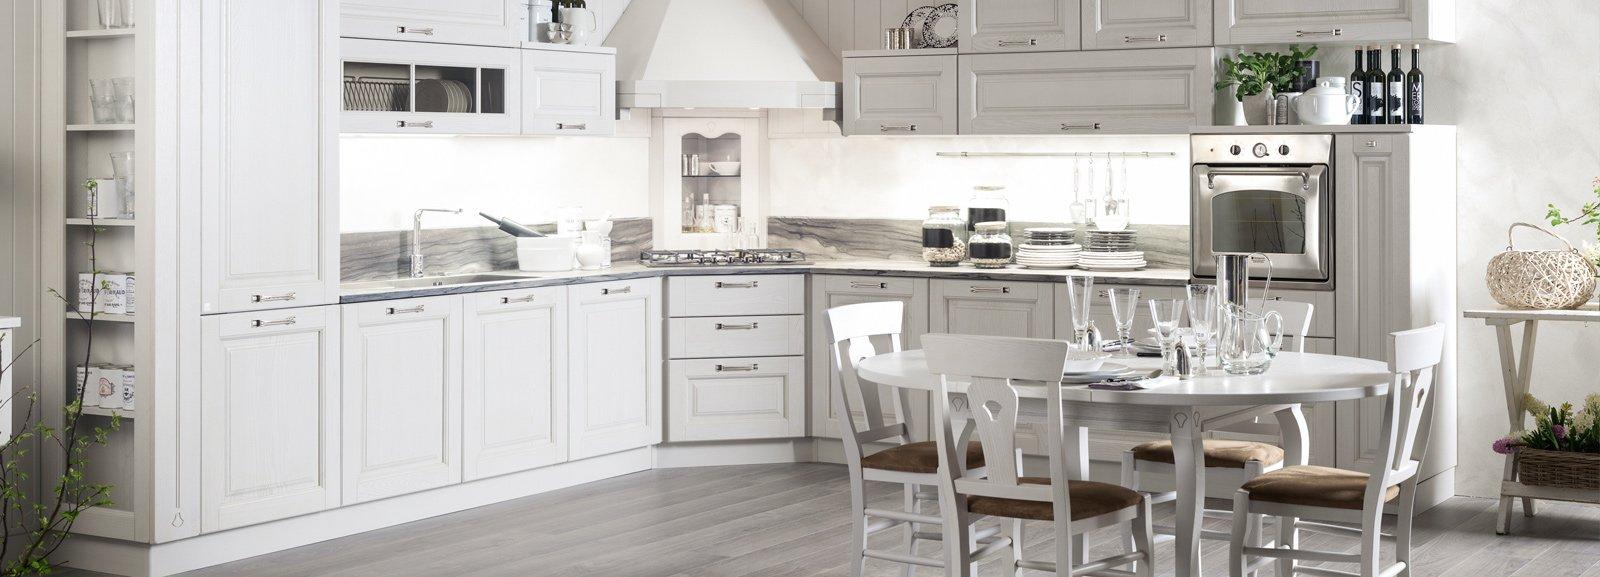 La nuova cucina country new classic cose di casa - Cucine da ristrutturare ...